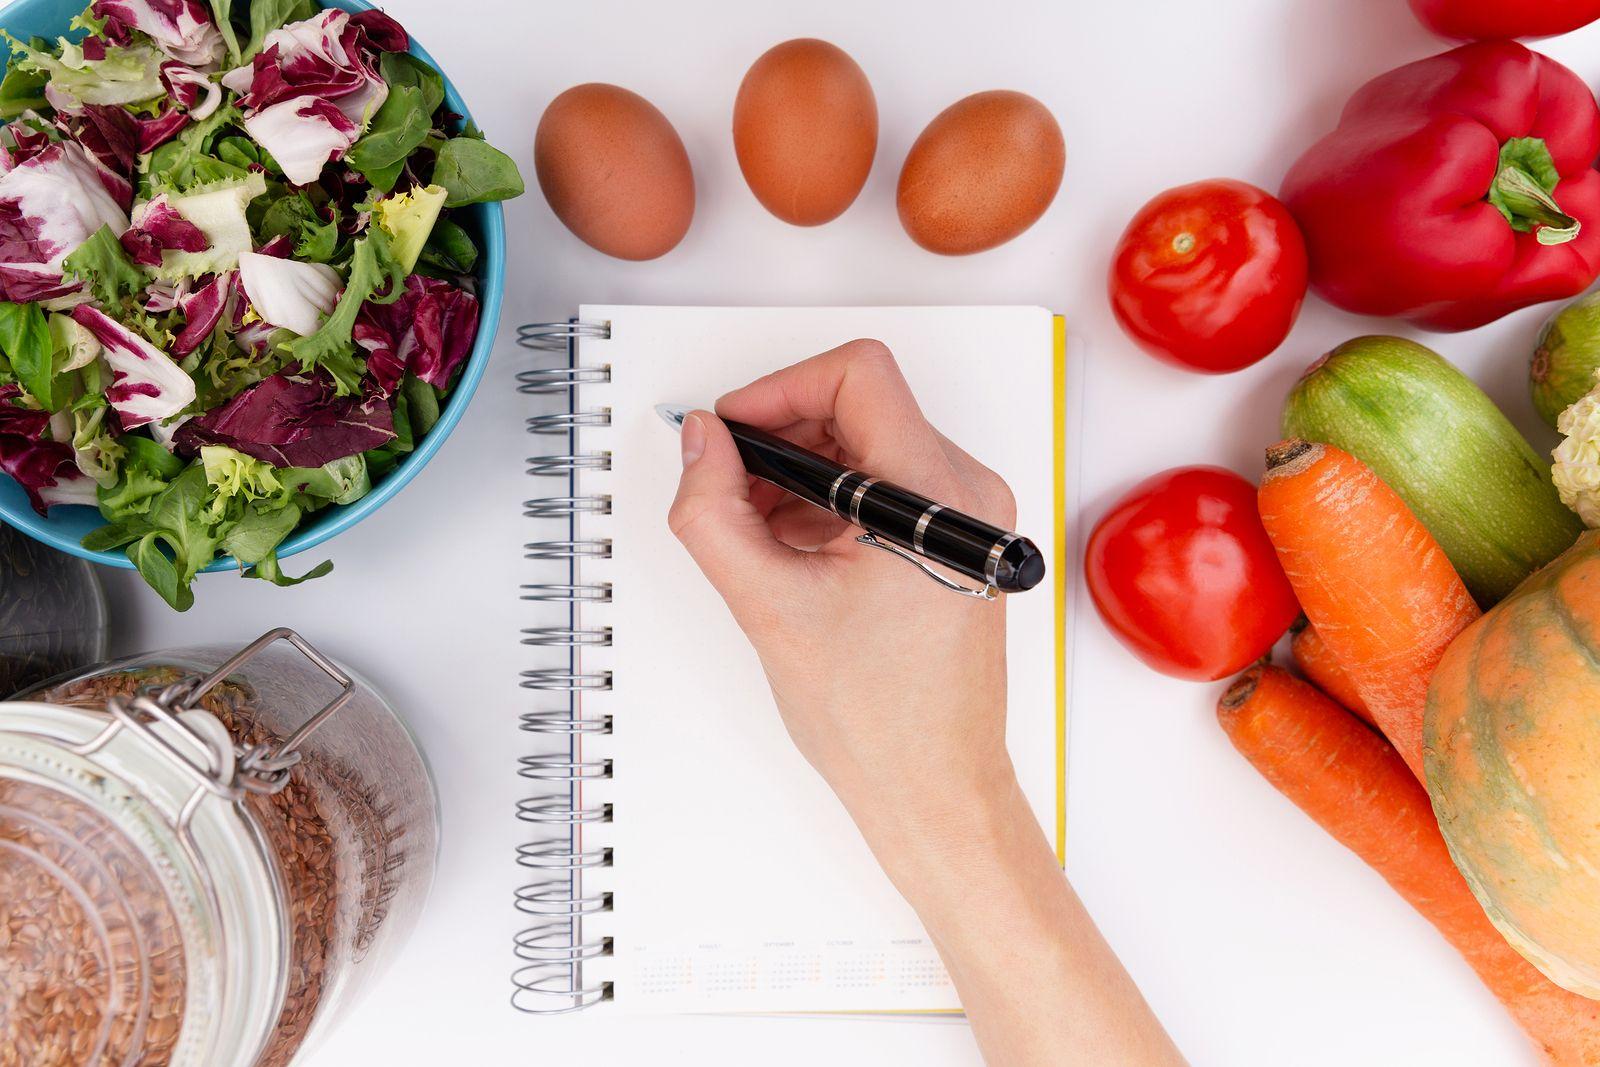 Las mejor forma de perder peso según la ciencia (y por qué tus dietas nunca funcionan)